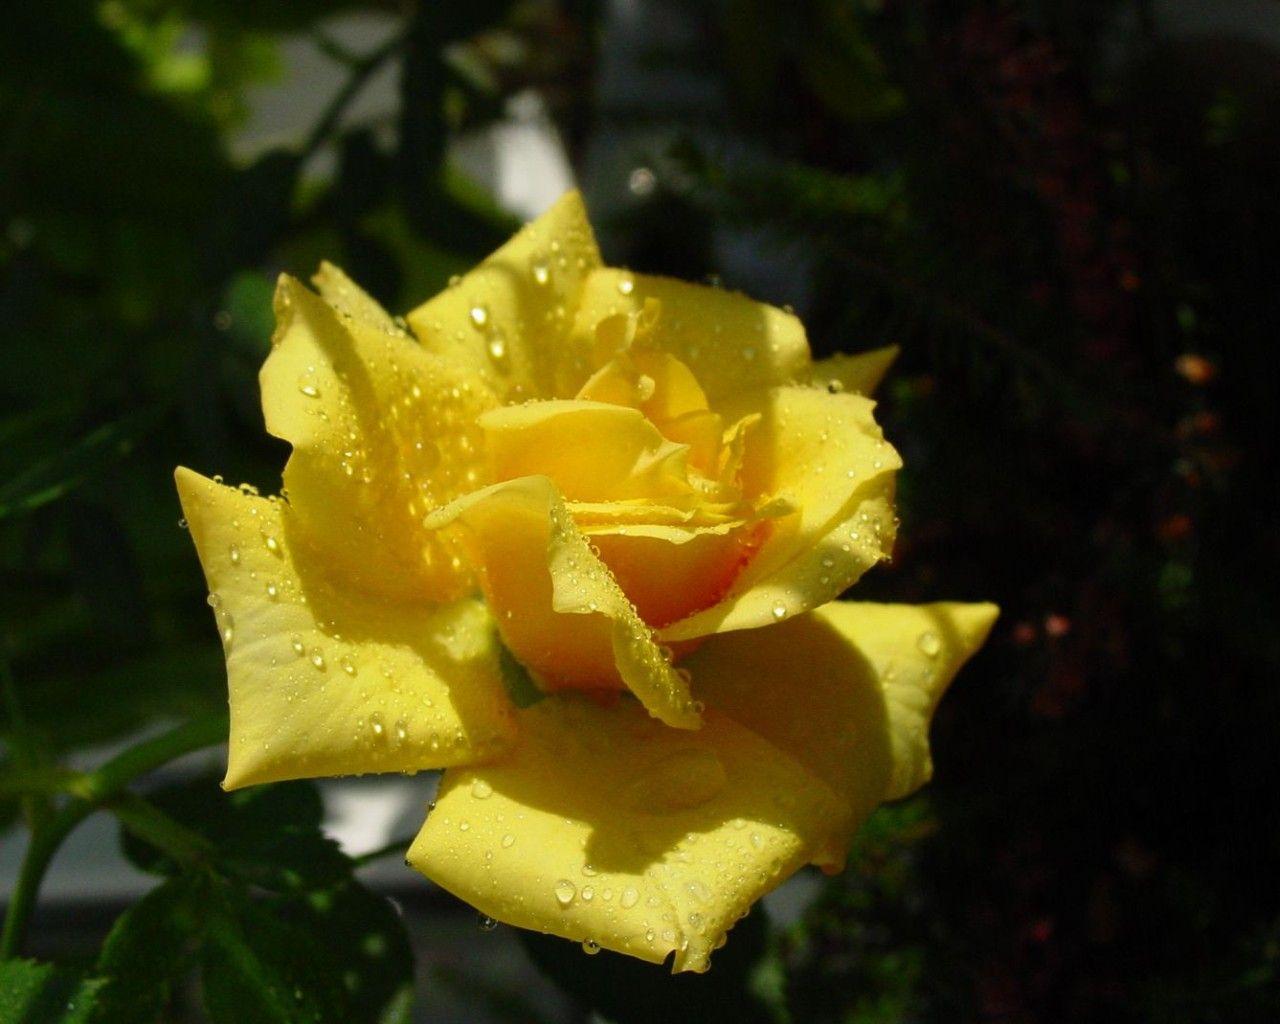 Ảnh hoa hồng siêu đẹp cho ngày lễ 20/10  http://dienhoadanang.com/vn/1410494596-Anh-hoa-hong-sieu-dep-cho-ngay-le-2111.html